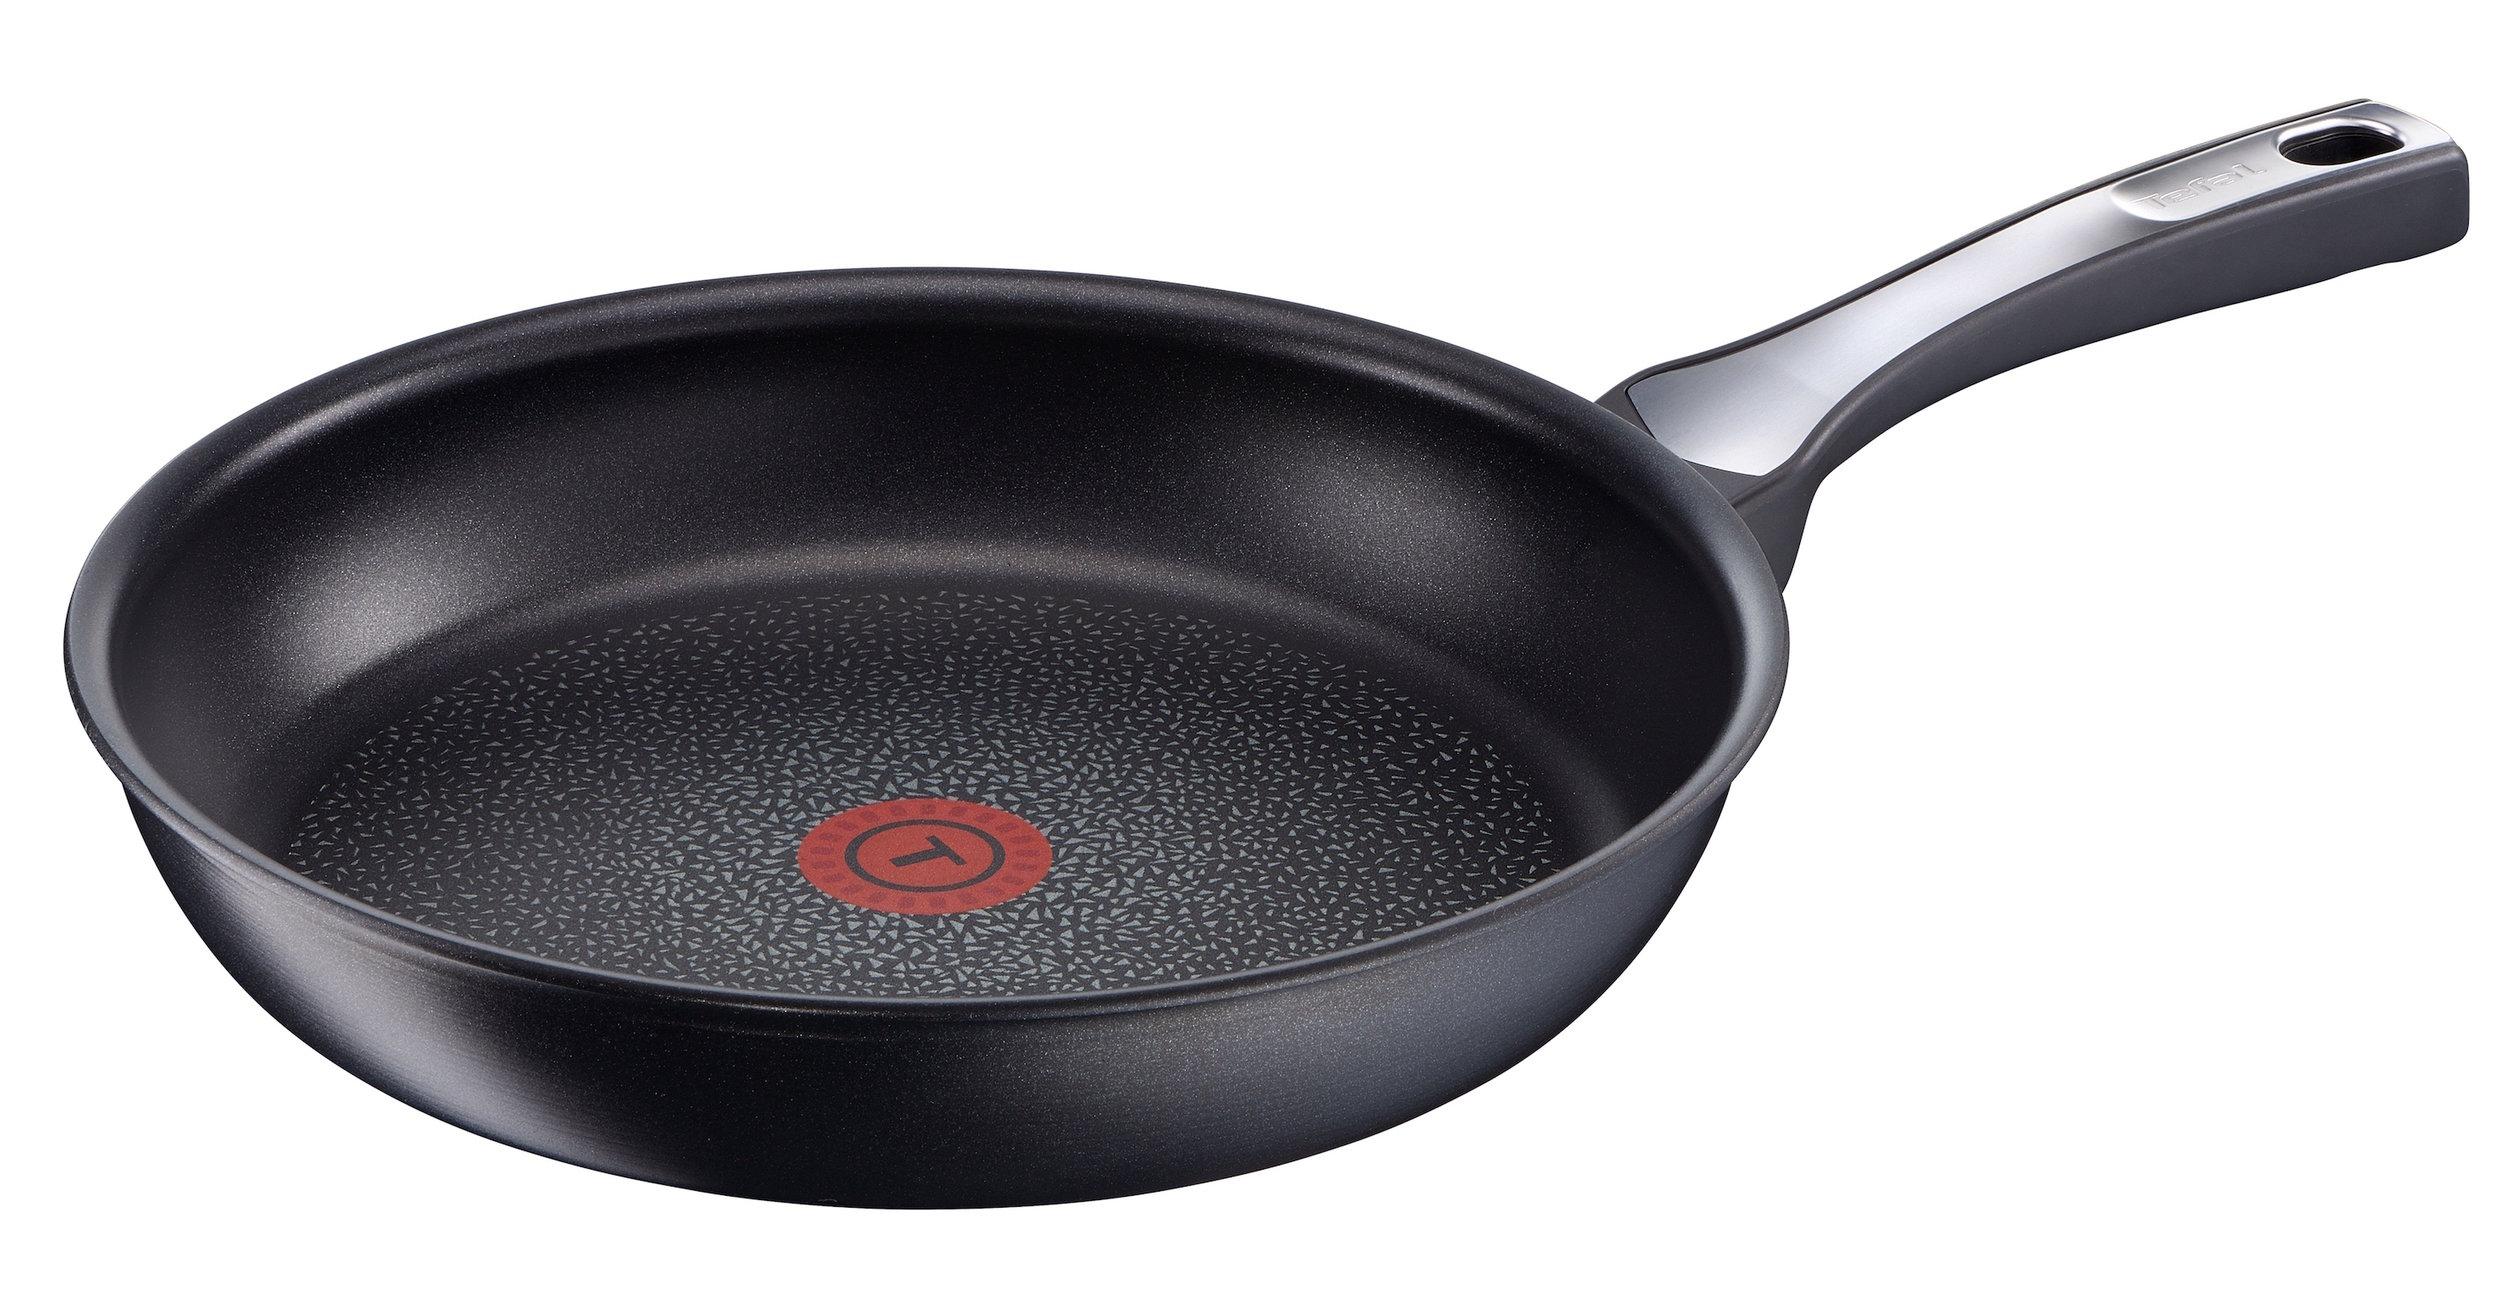 Teal Expertise Frying Pan